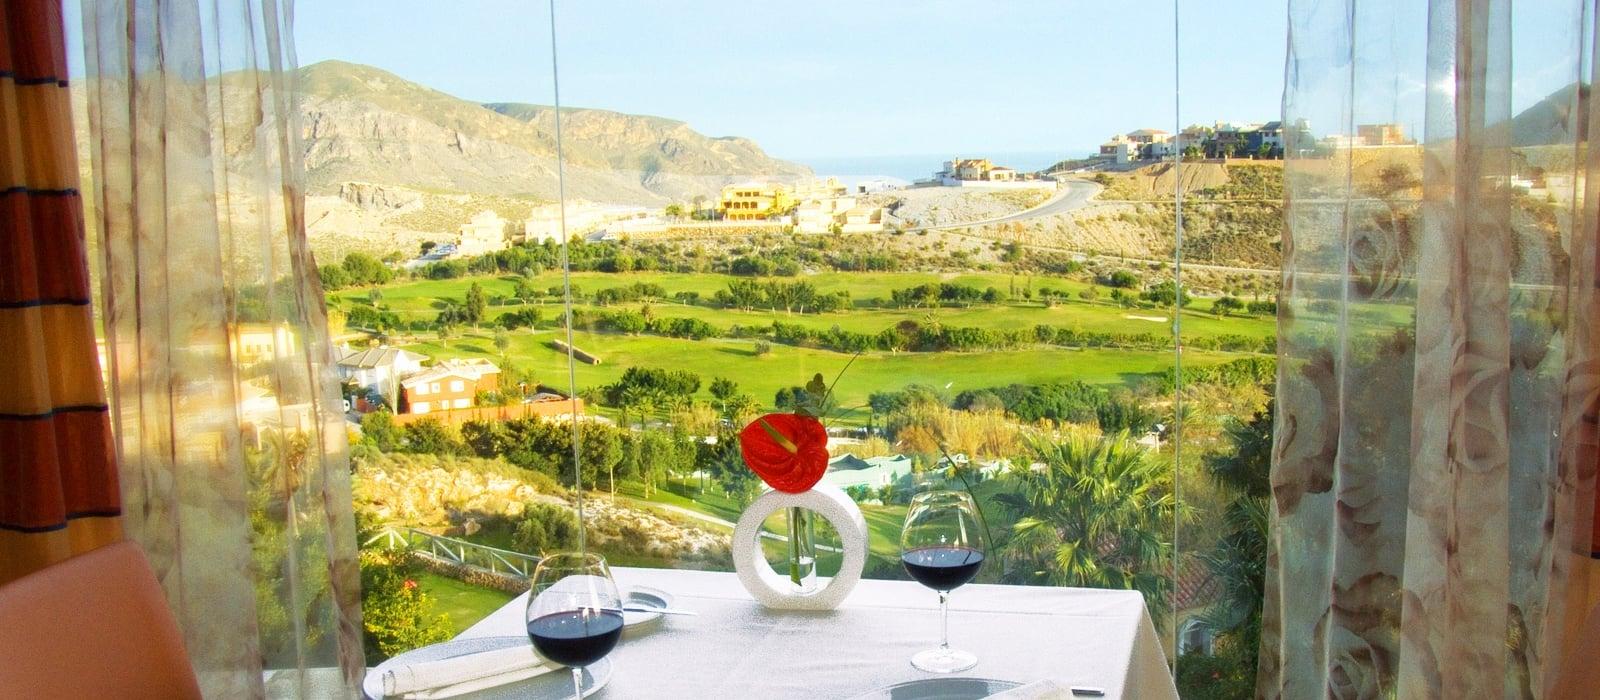 Services Hotel Vincci Almería Wellness - Restaurant El Mirador a la Carte